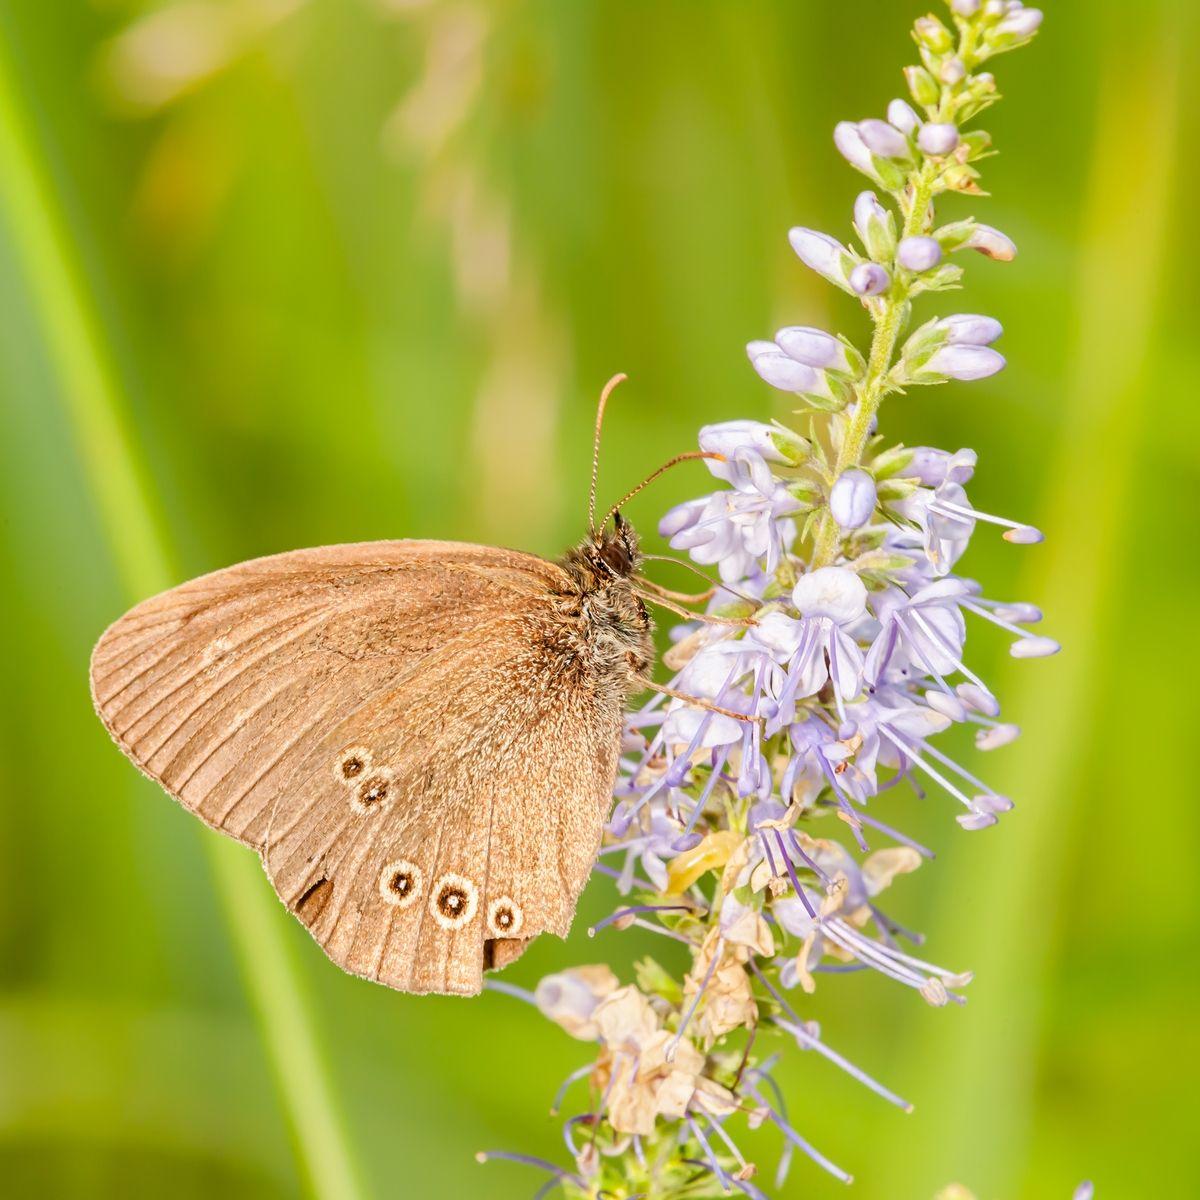 Бабочка Макро бабочка фото бабочки